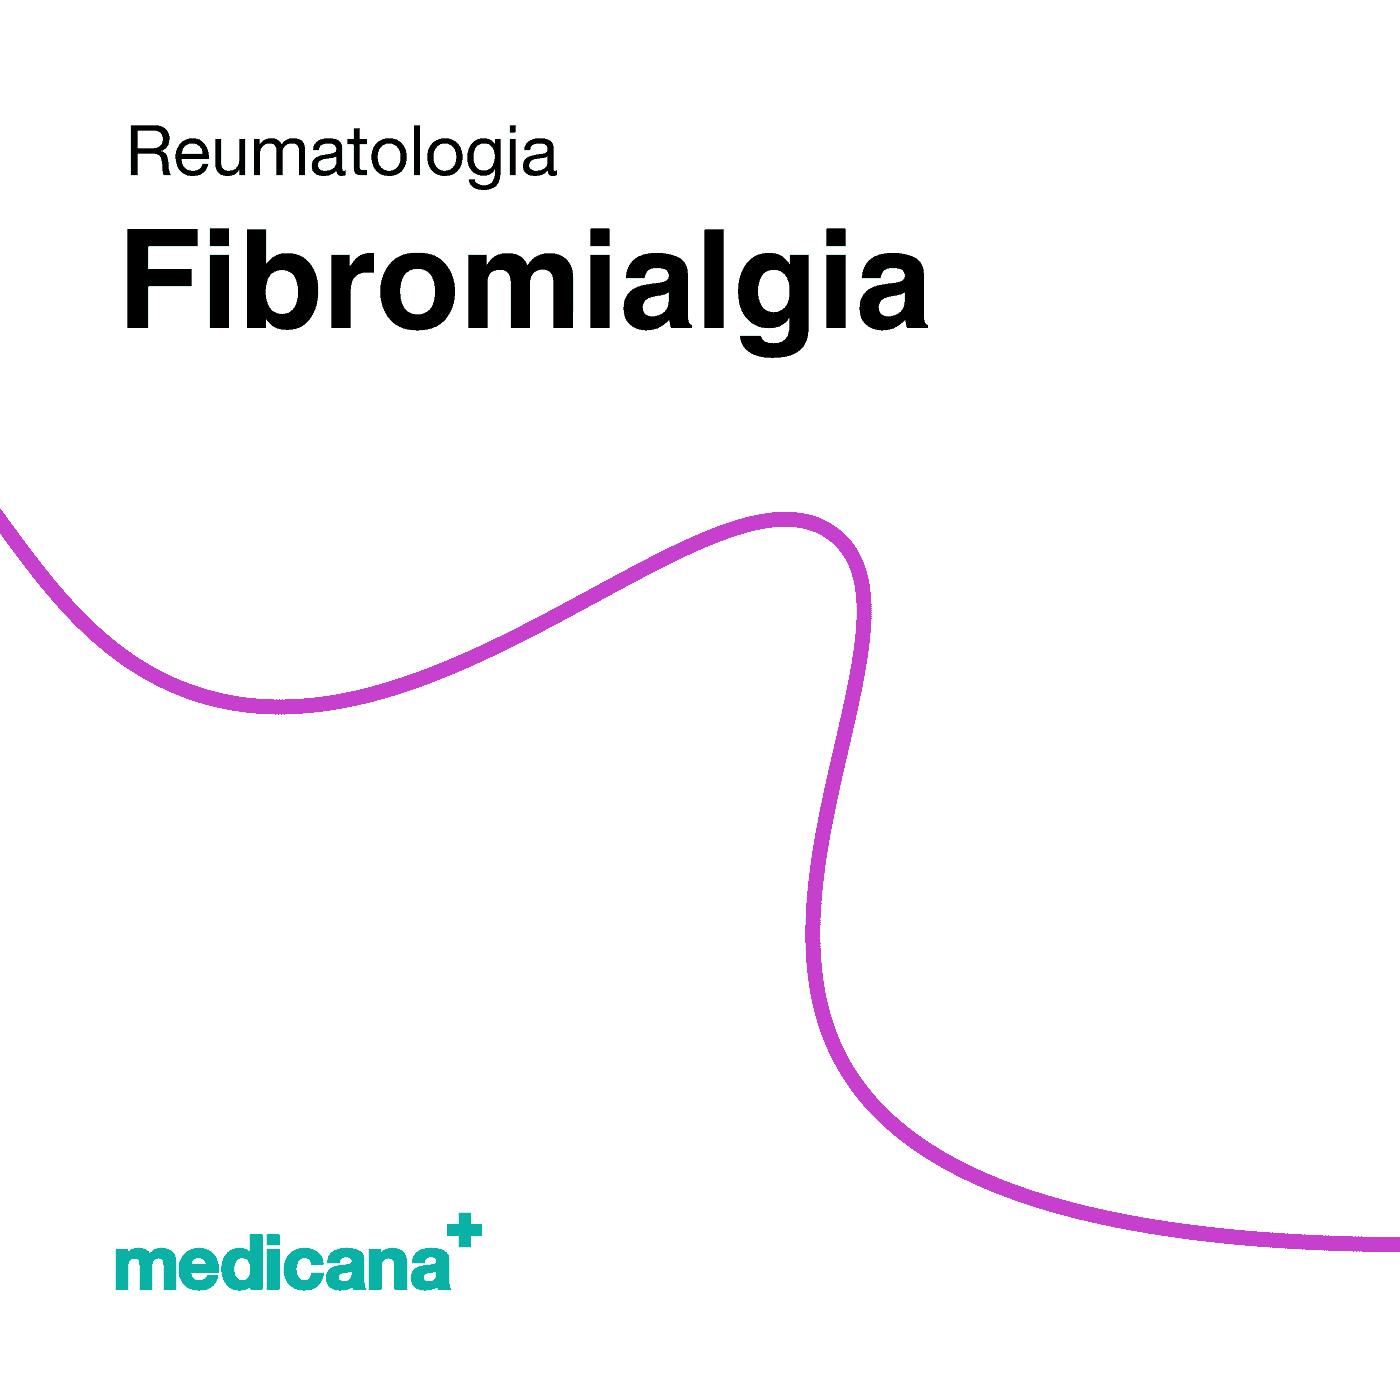 Grafika, białe tło fioletową kreską, czarnym napisem Reumatologia - Fibromialgia oraz zielonym logo Medicana w lewym dolnym rogu.